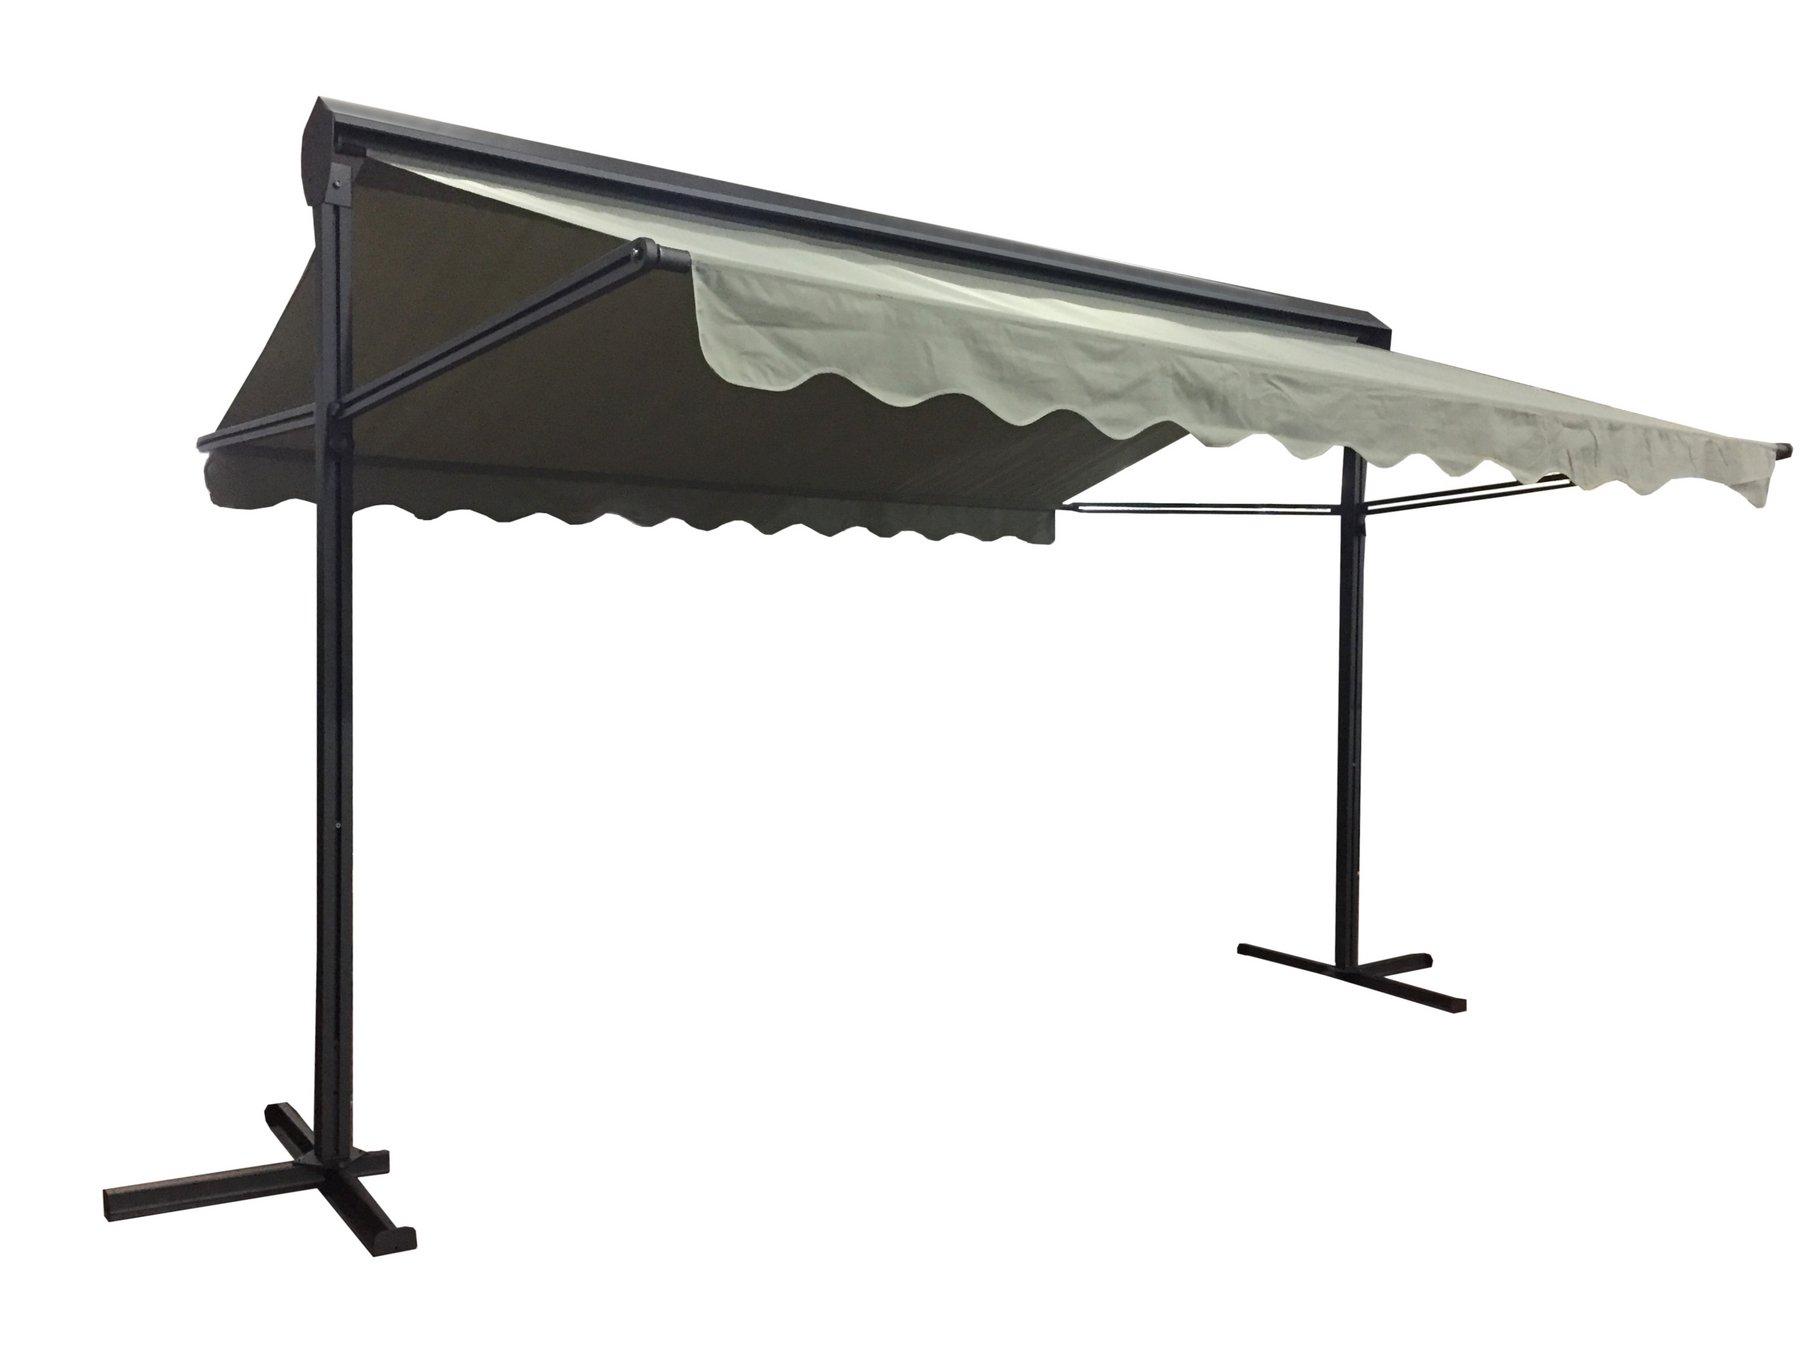 Turbo Balkon Standmarkise Gartenmarkise Doppel Markise 4 x 3m grau | eBay QT64